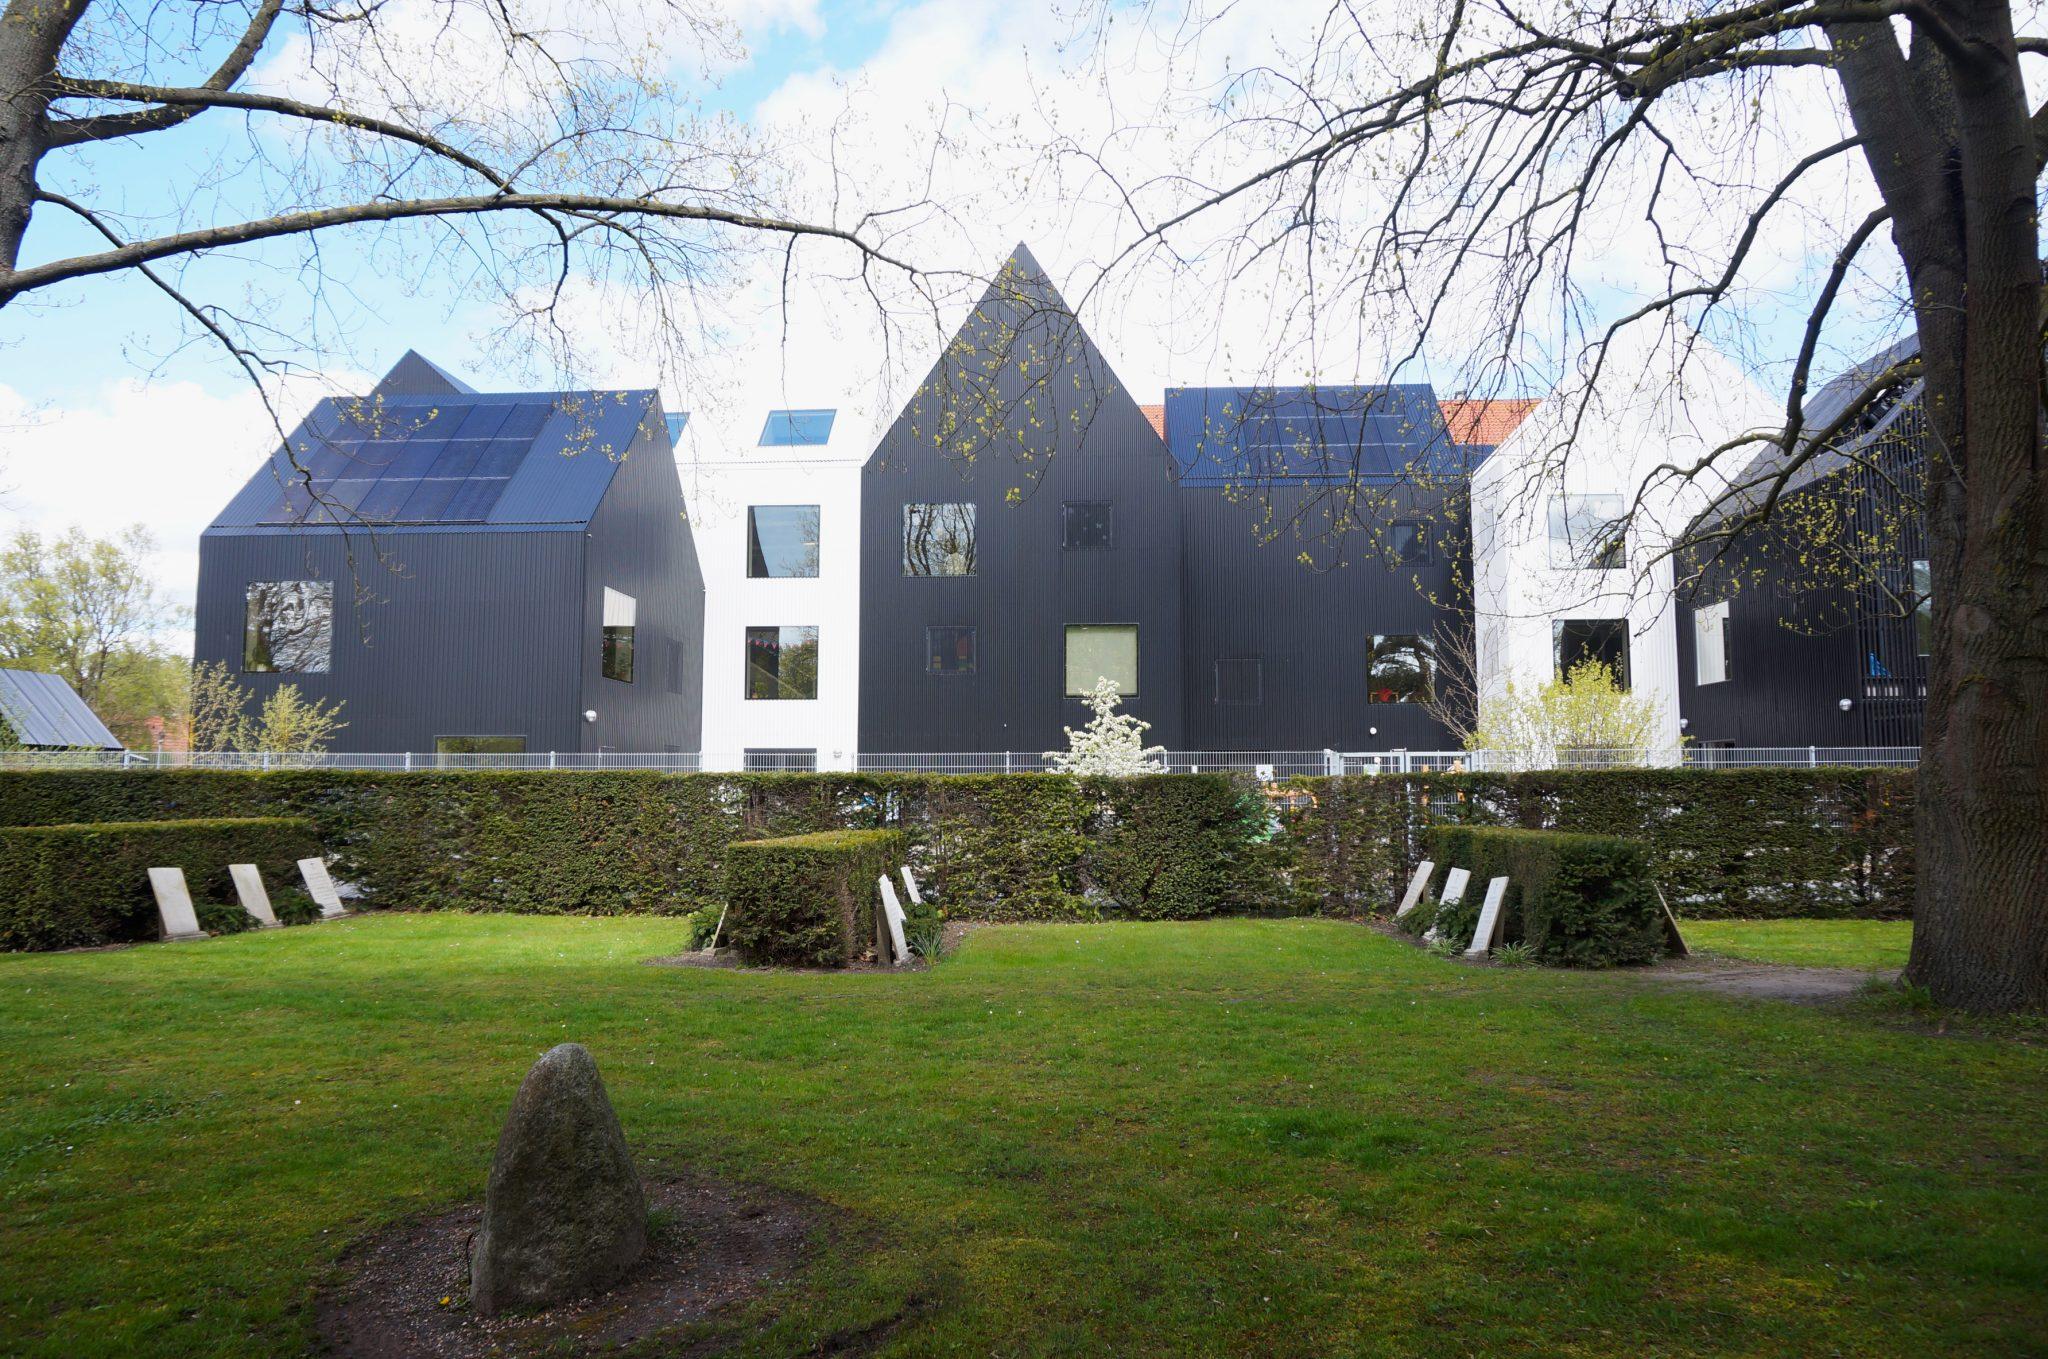 DSC04798 - Kopenhaga - Architour